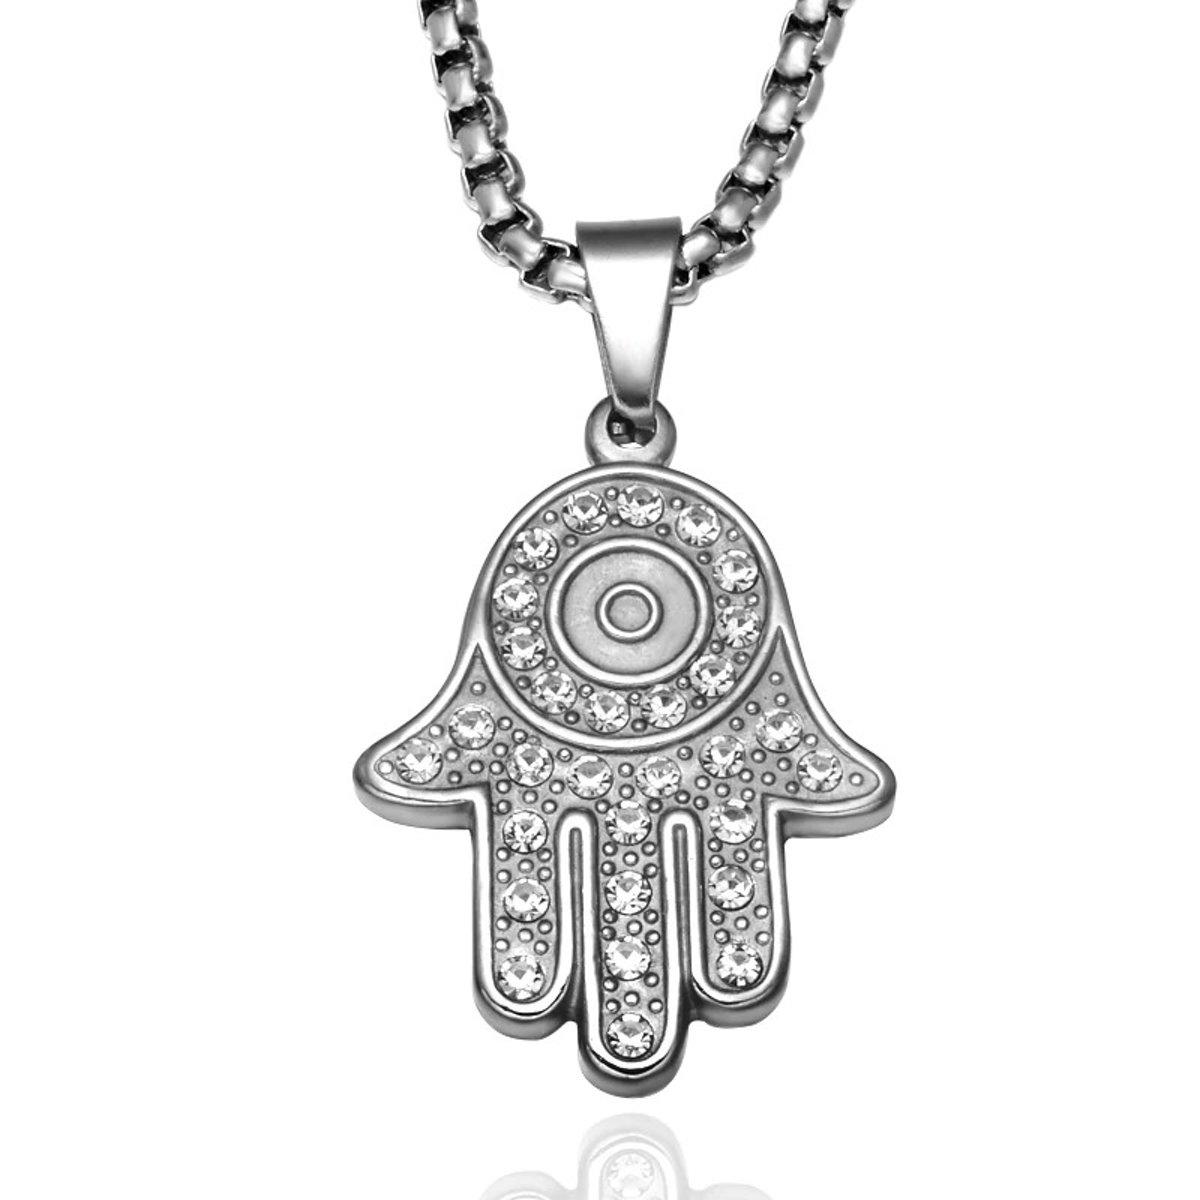 Hamsa Hand Ketting Met Hanger - De Hand Van Fatima - Fatimas Hand - Geluk Bescherming Symbool Decoratie Amulet - Zilver Kleurig kopen